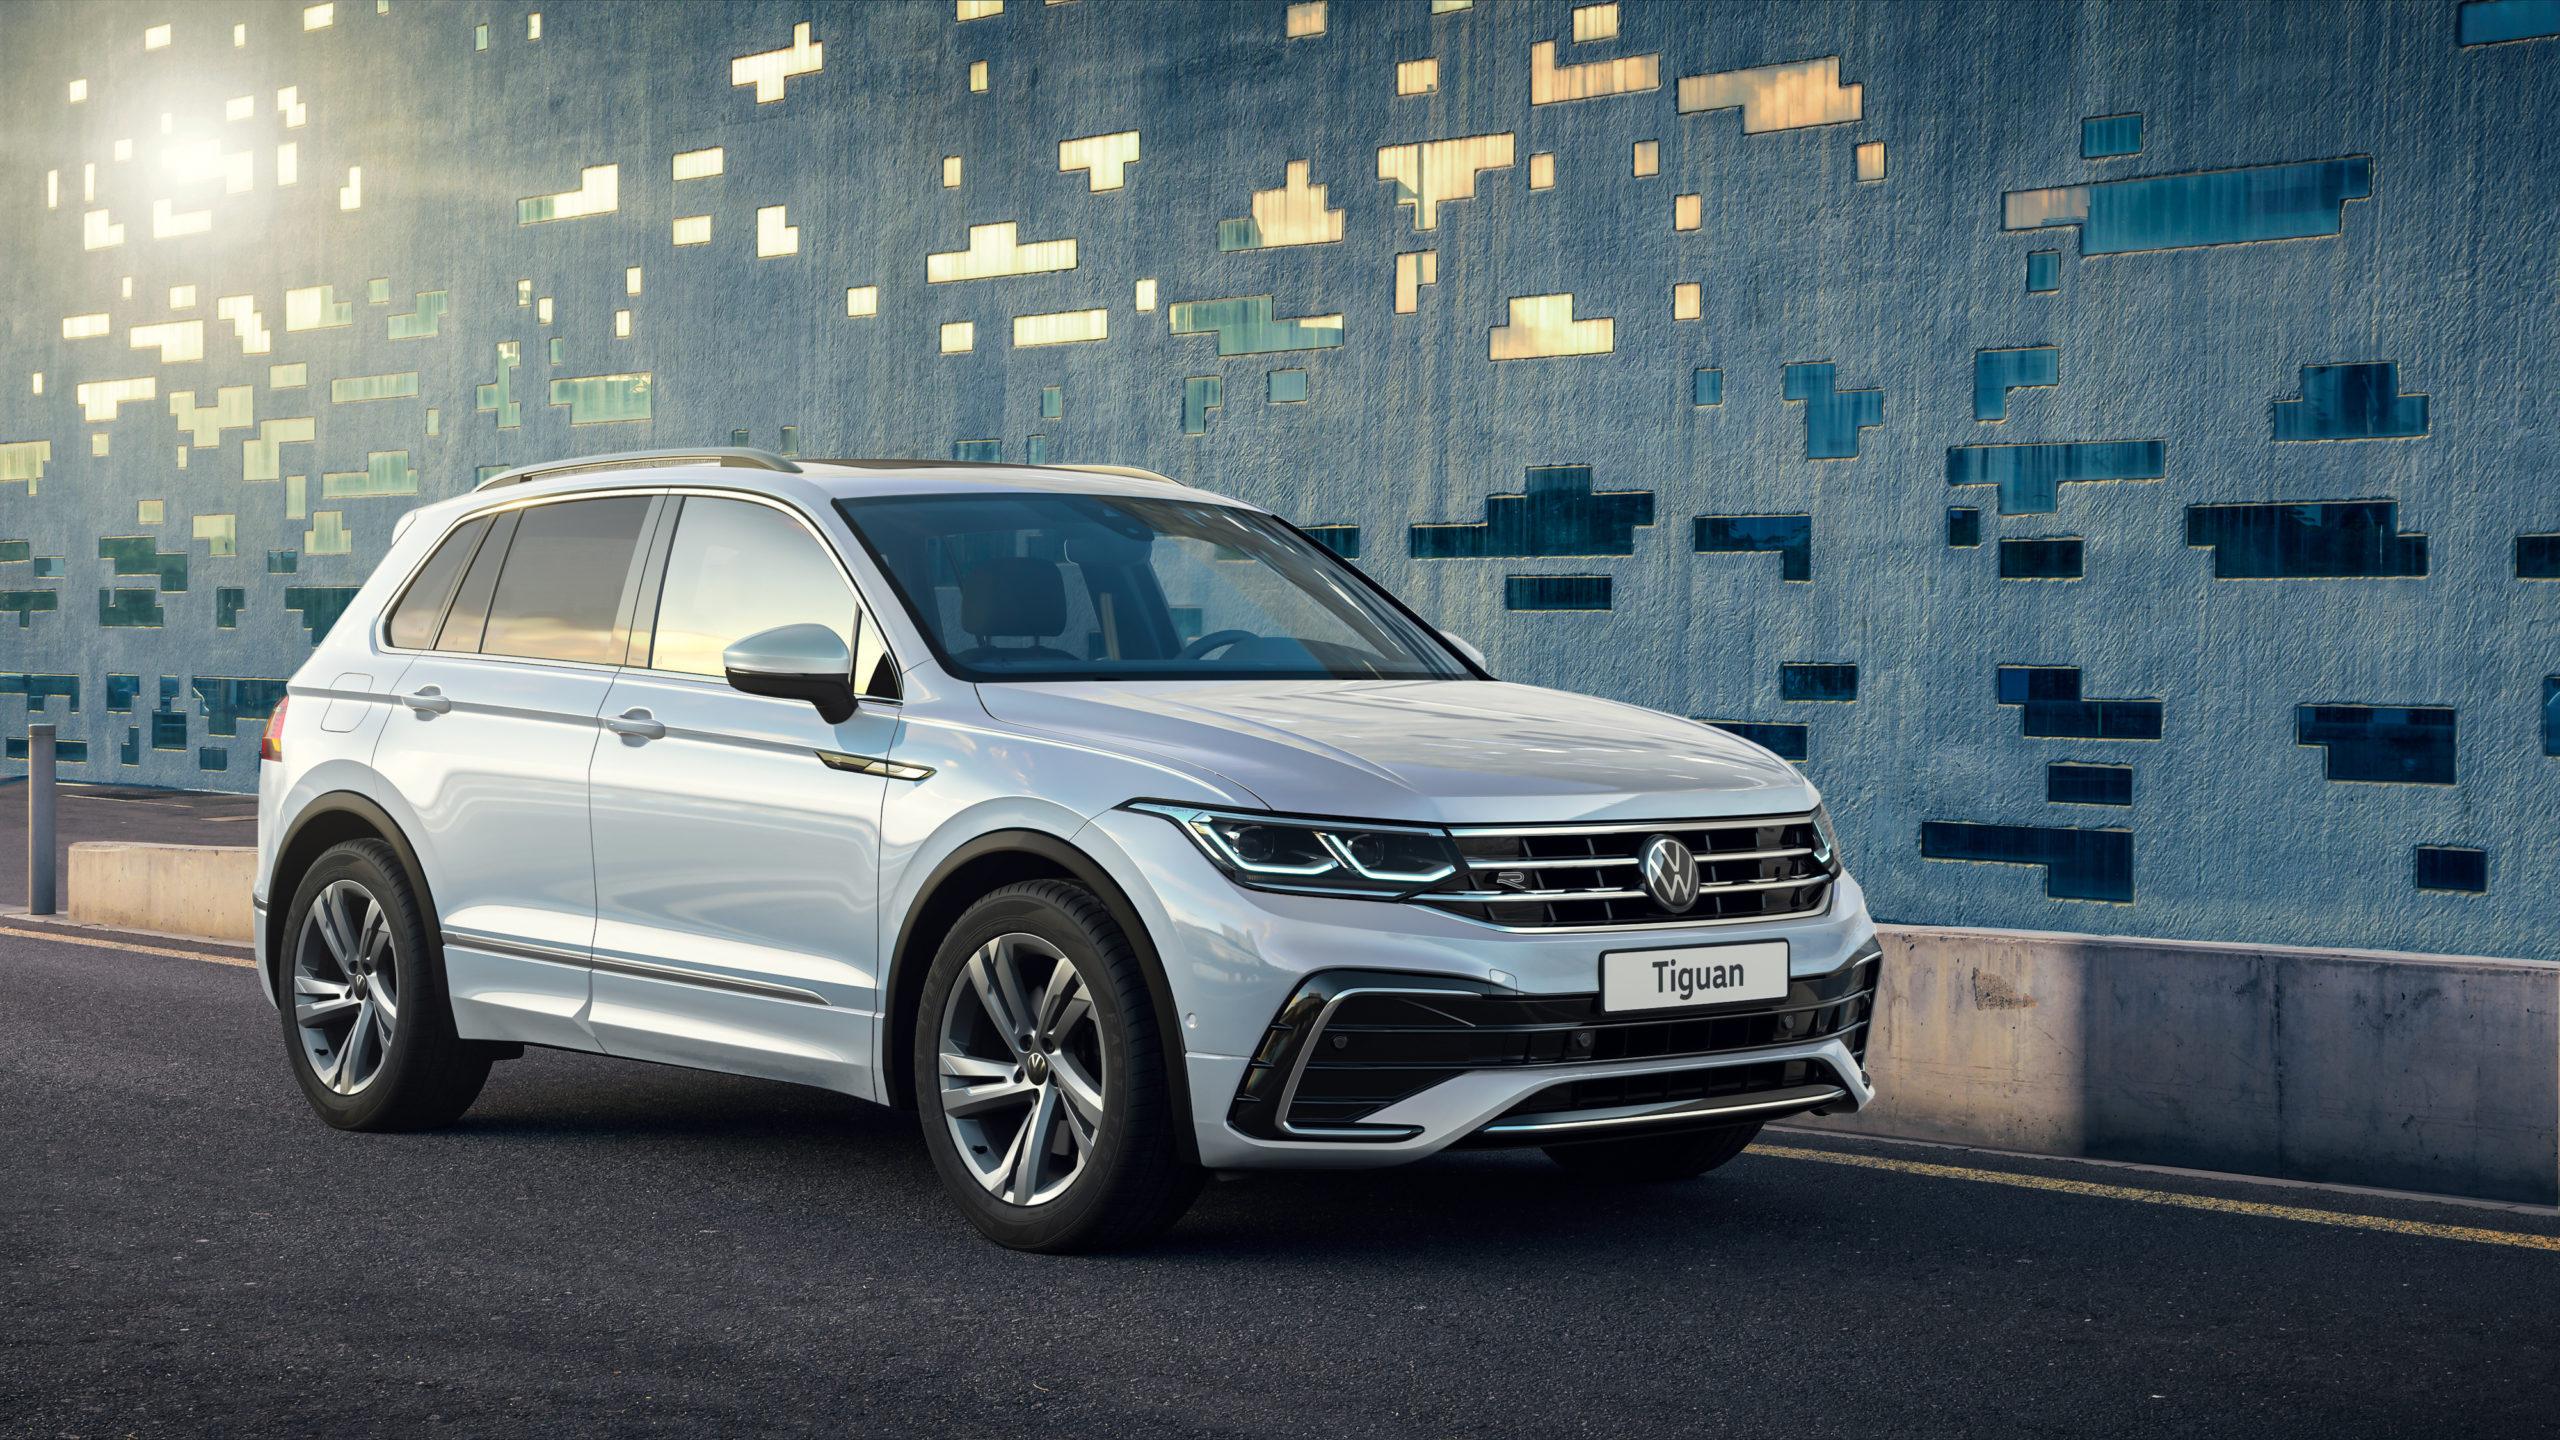 НовыйTiguanв России: Volkswagenпредставляет улучшенную версию любимой модели